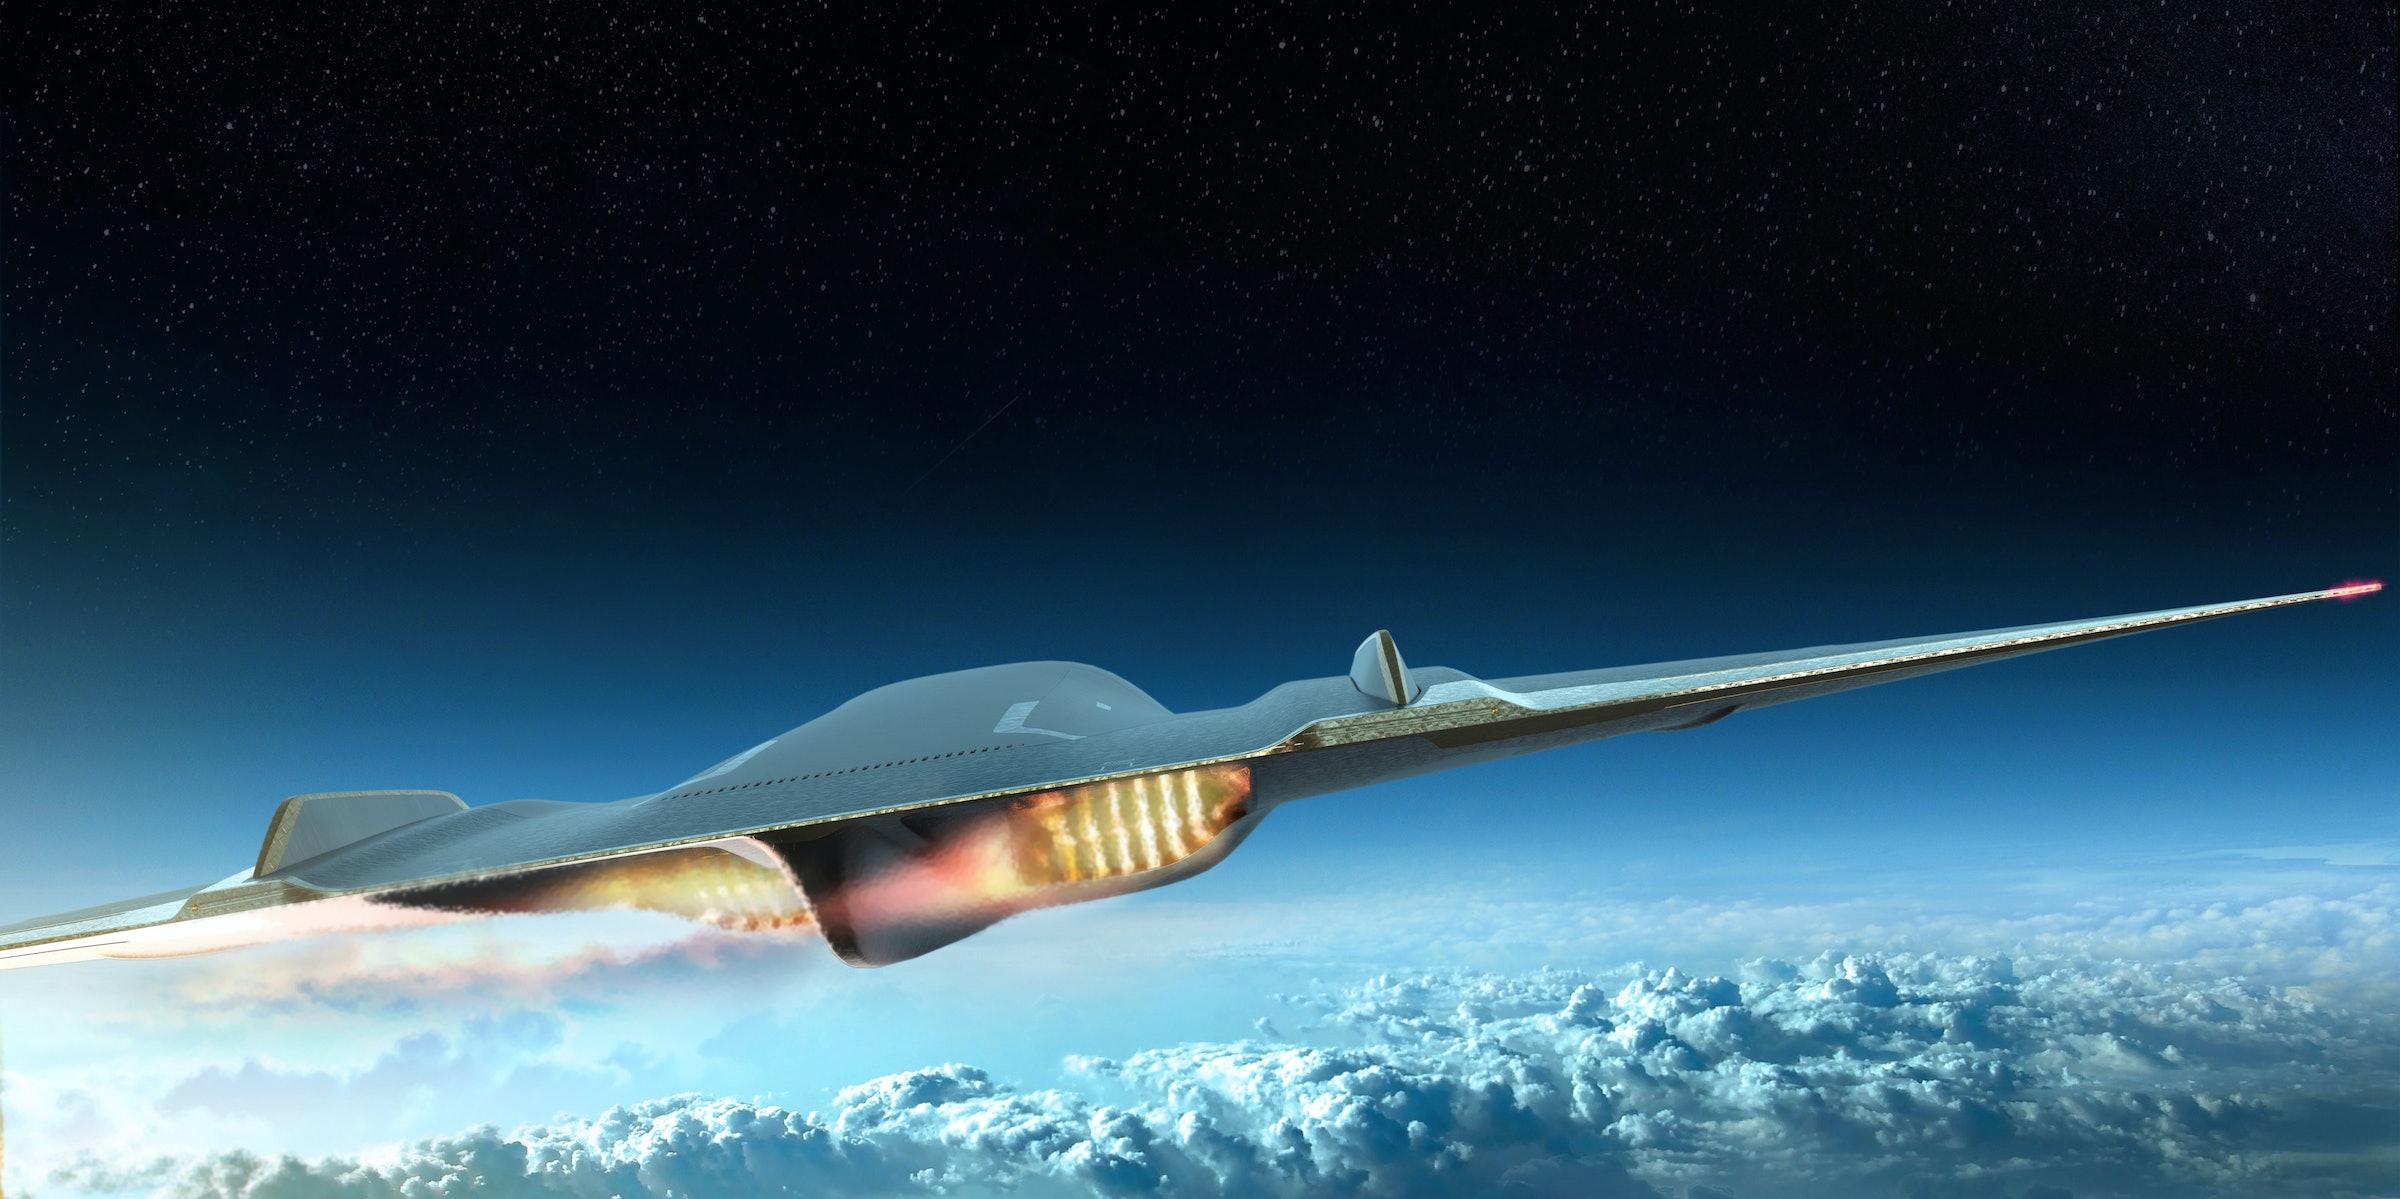 A rendering shows Paradoxal in flight.